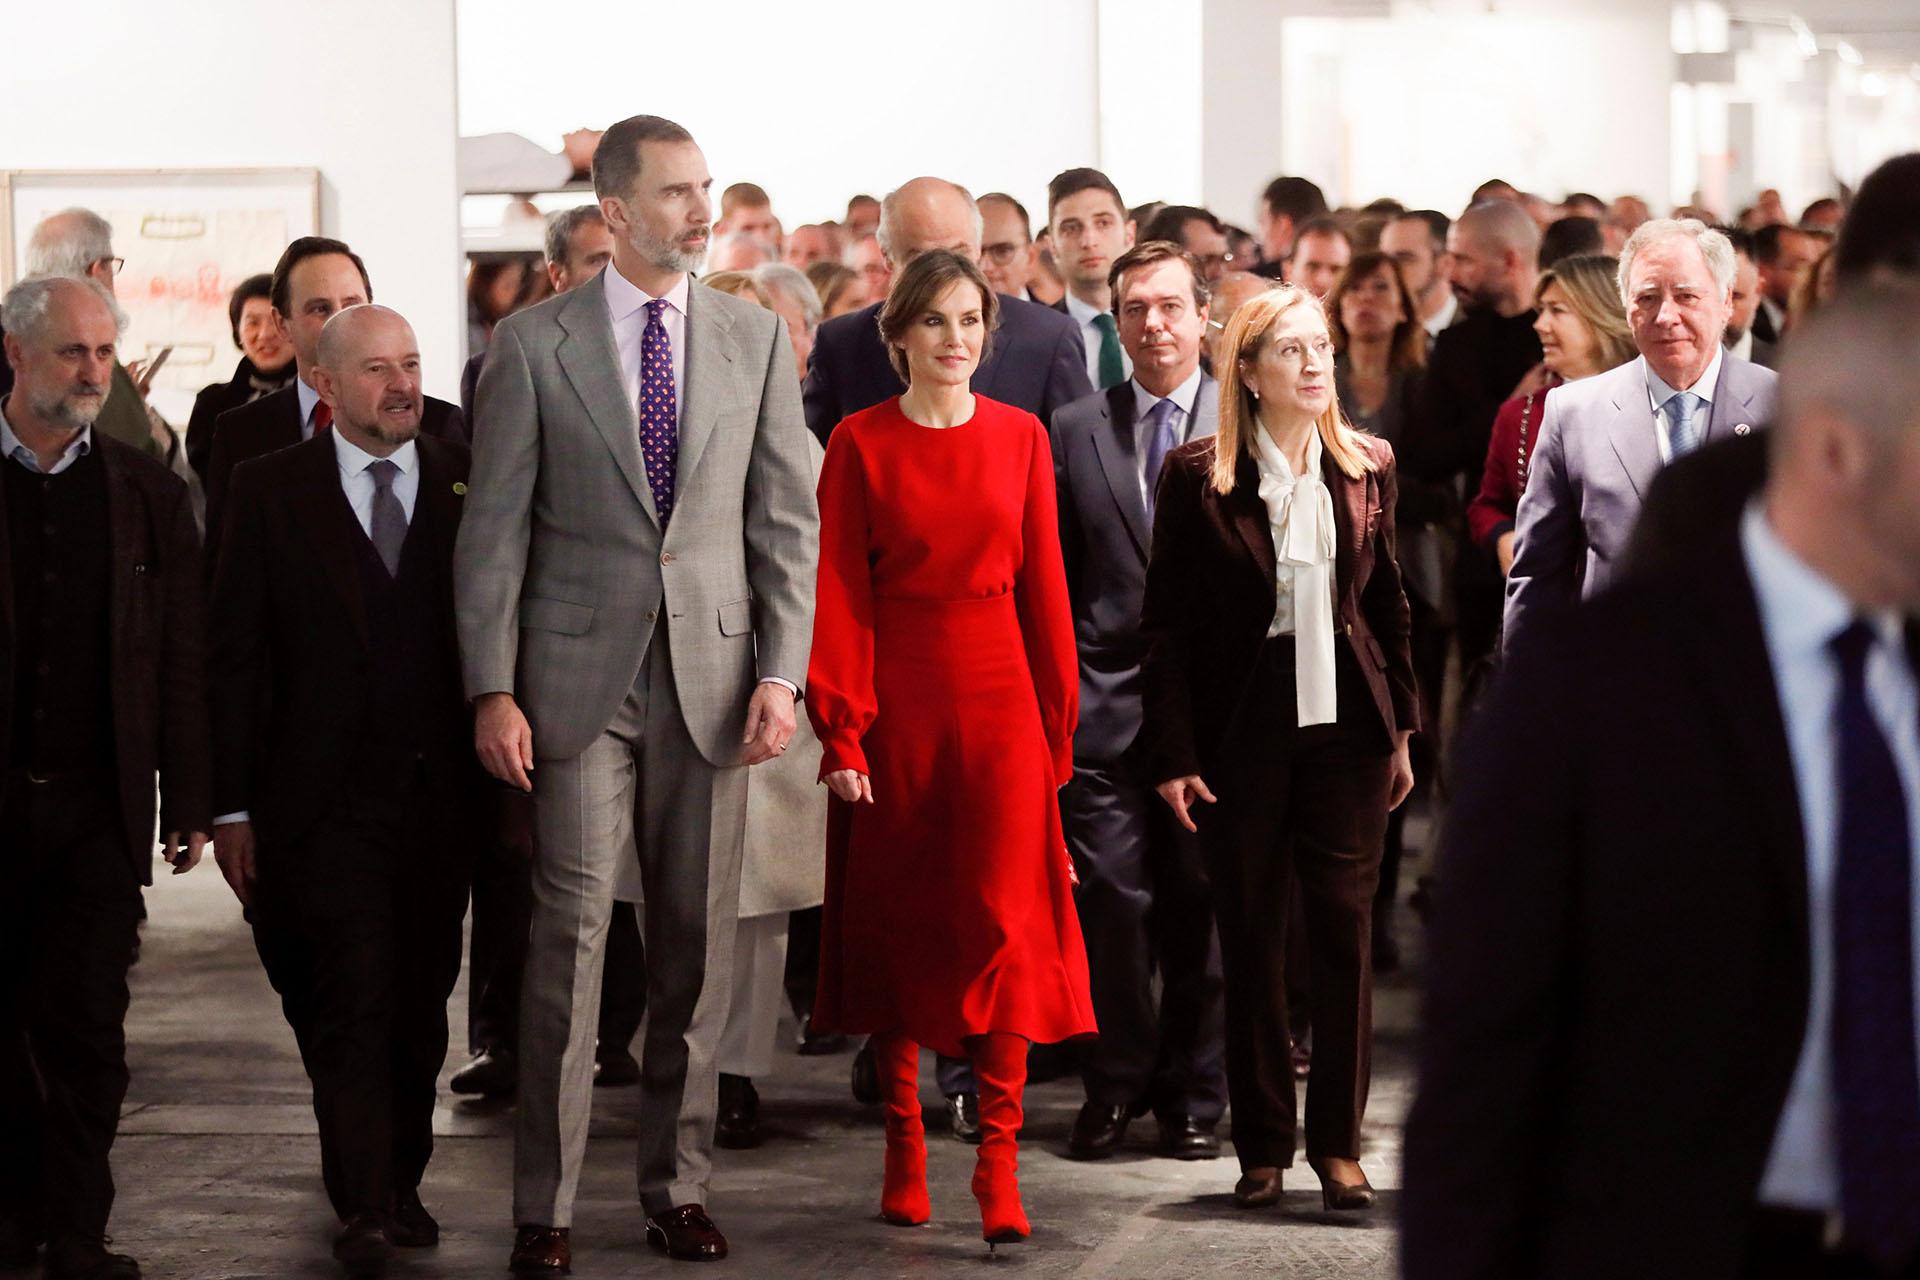 Letizia fue el centro de atención con este total look al rojo vivo, que incluyó una falda midi, grandes mangas y unas botas impactantes